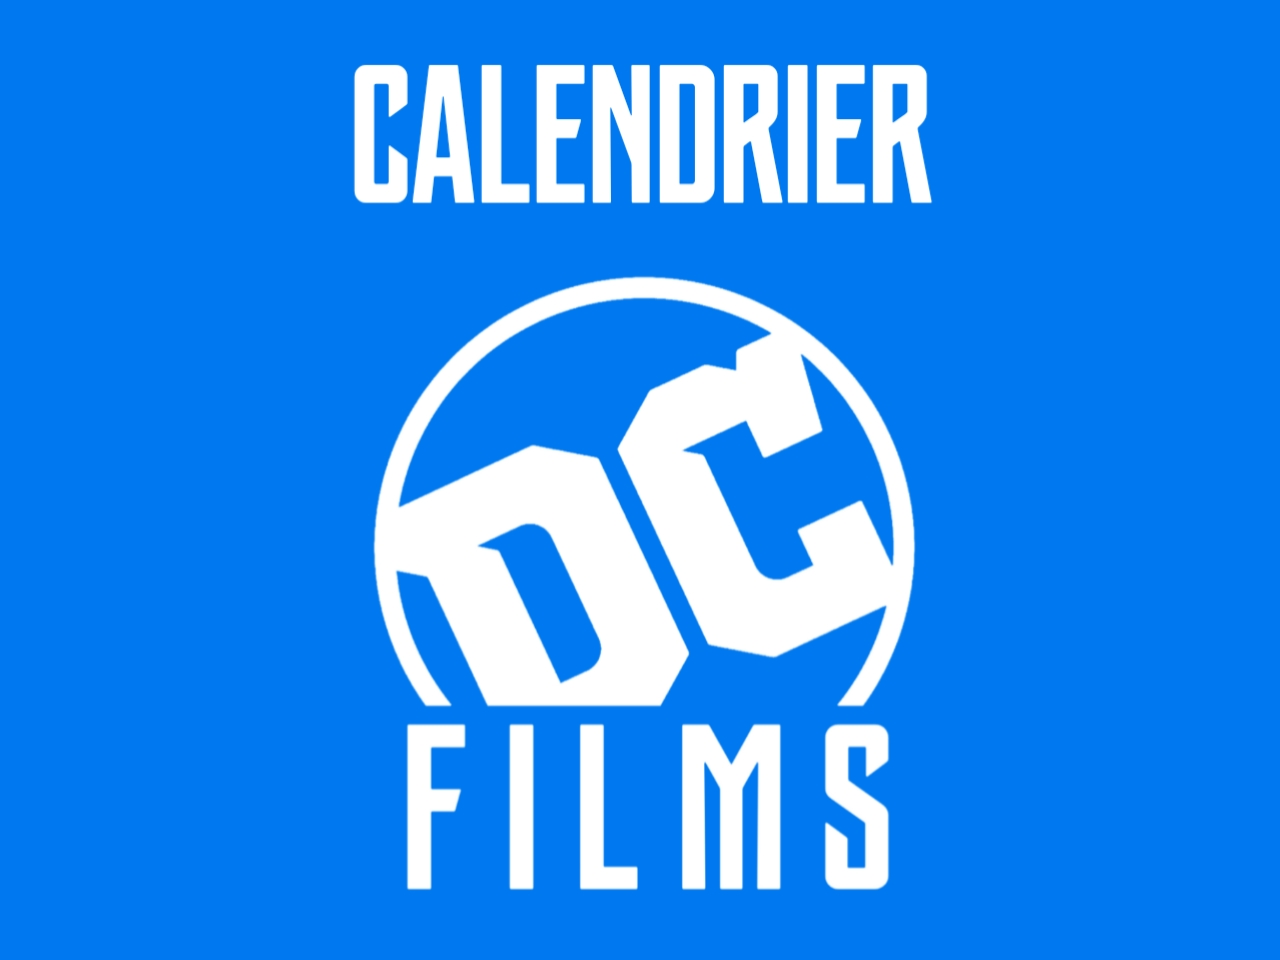 Calendrier Destiny 2.Calendrier Dc Films